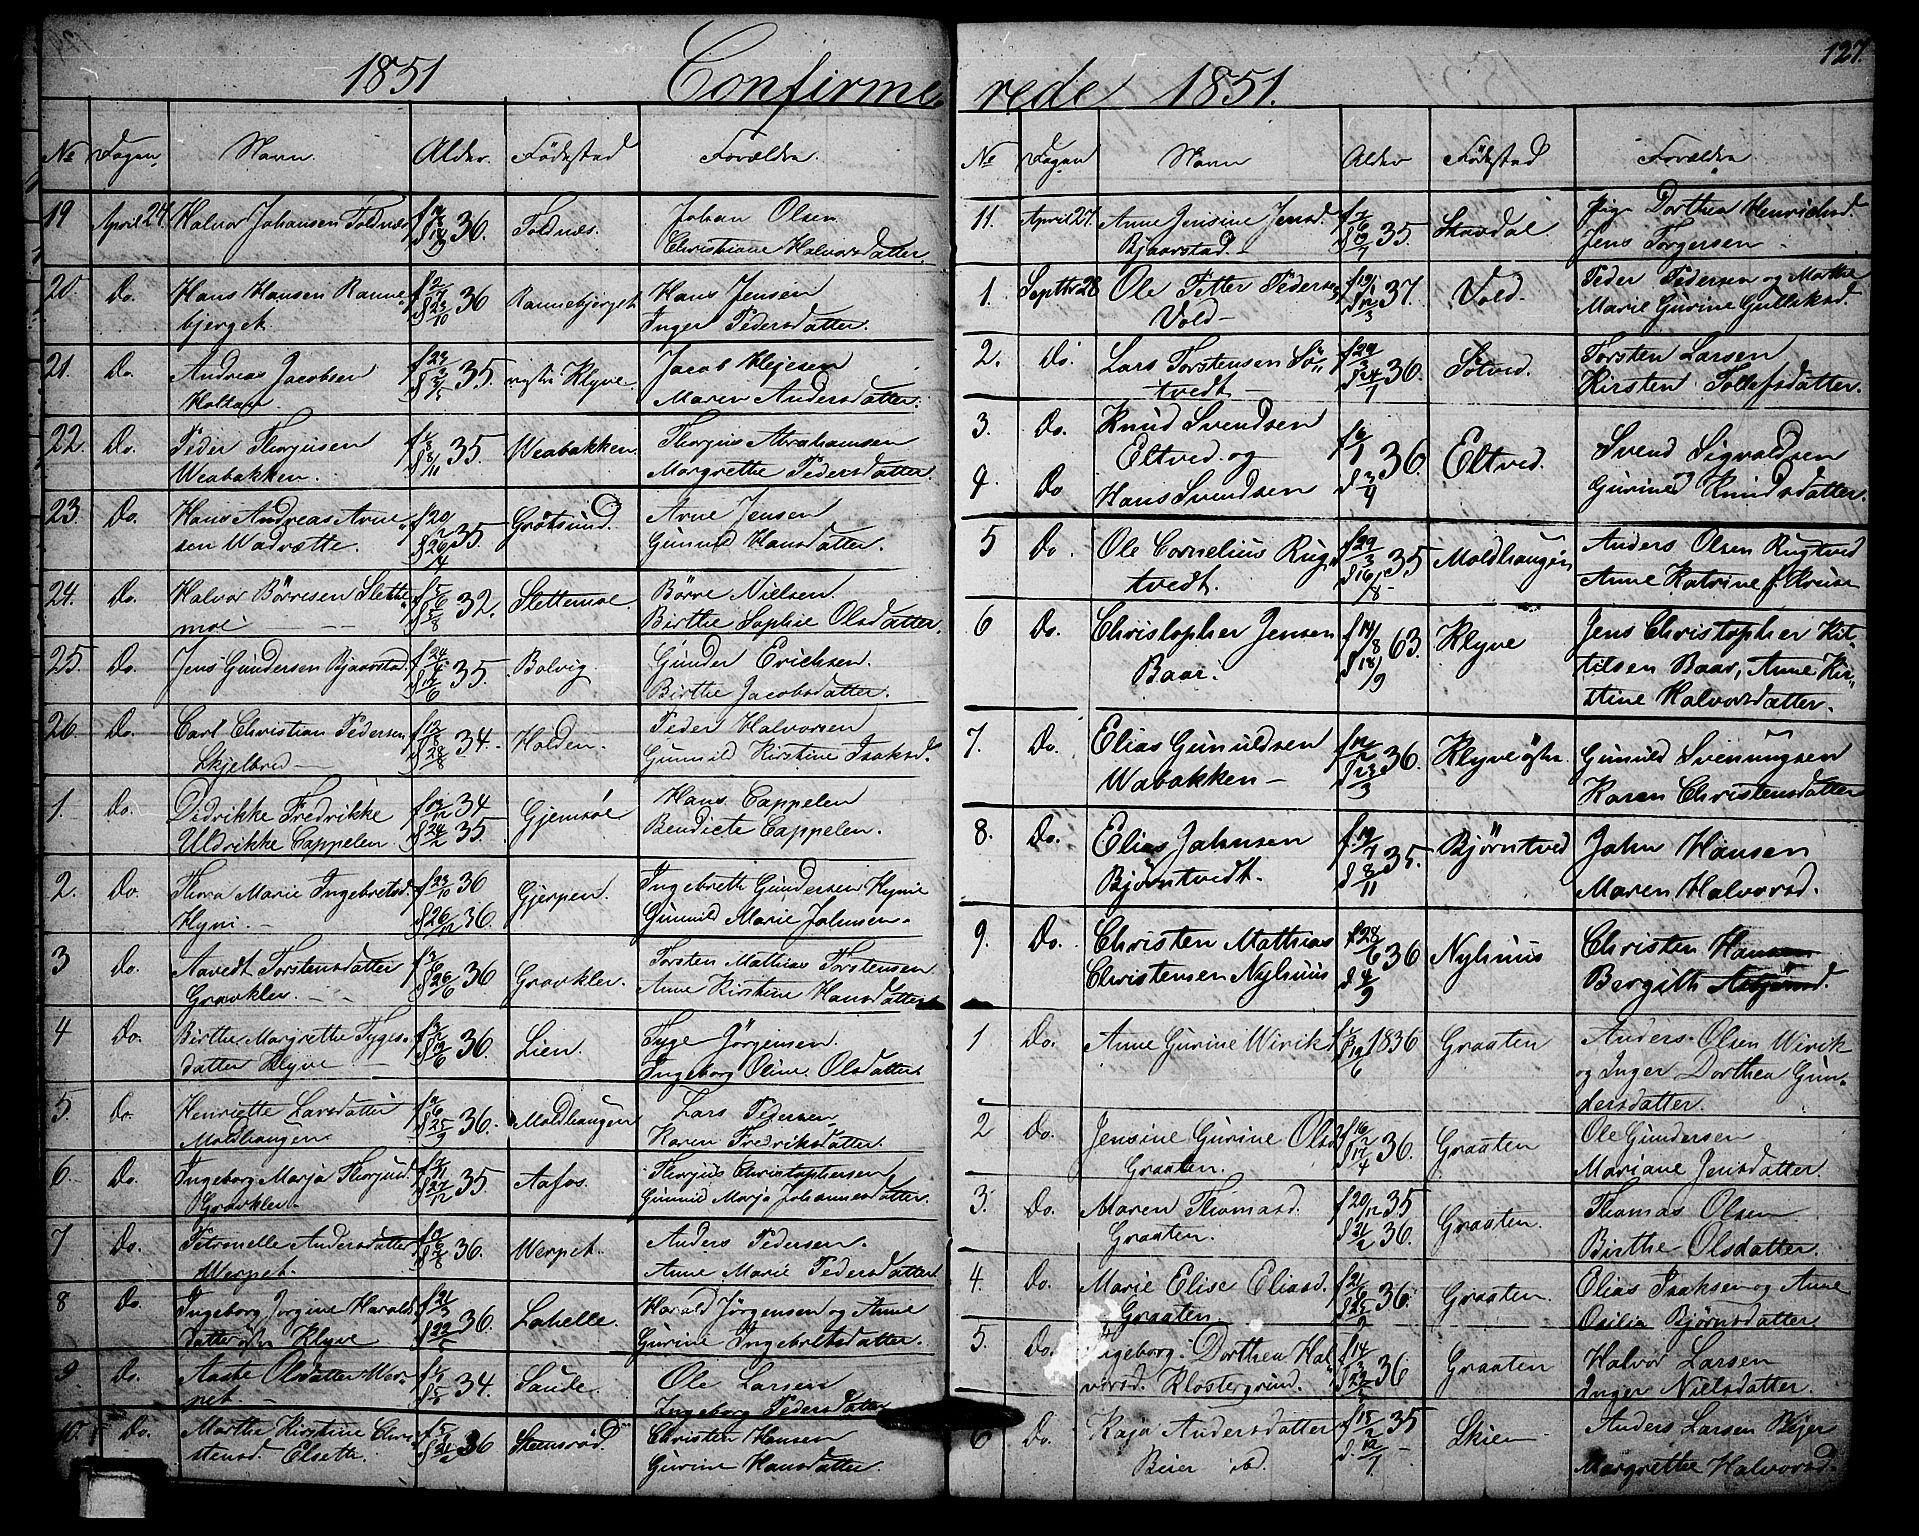 SAKO, Solum kirkebøker, G/Ga/L0003: Klokkerbok nr. I 3, 1848-1859, s. 127